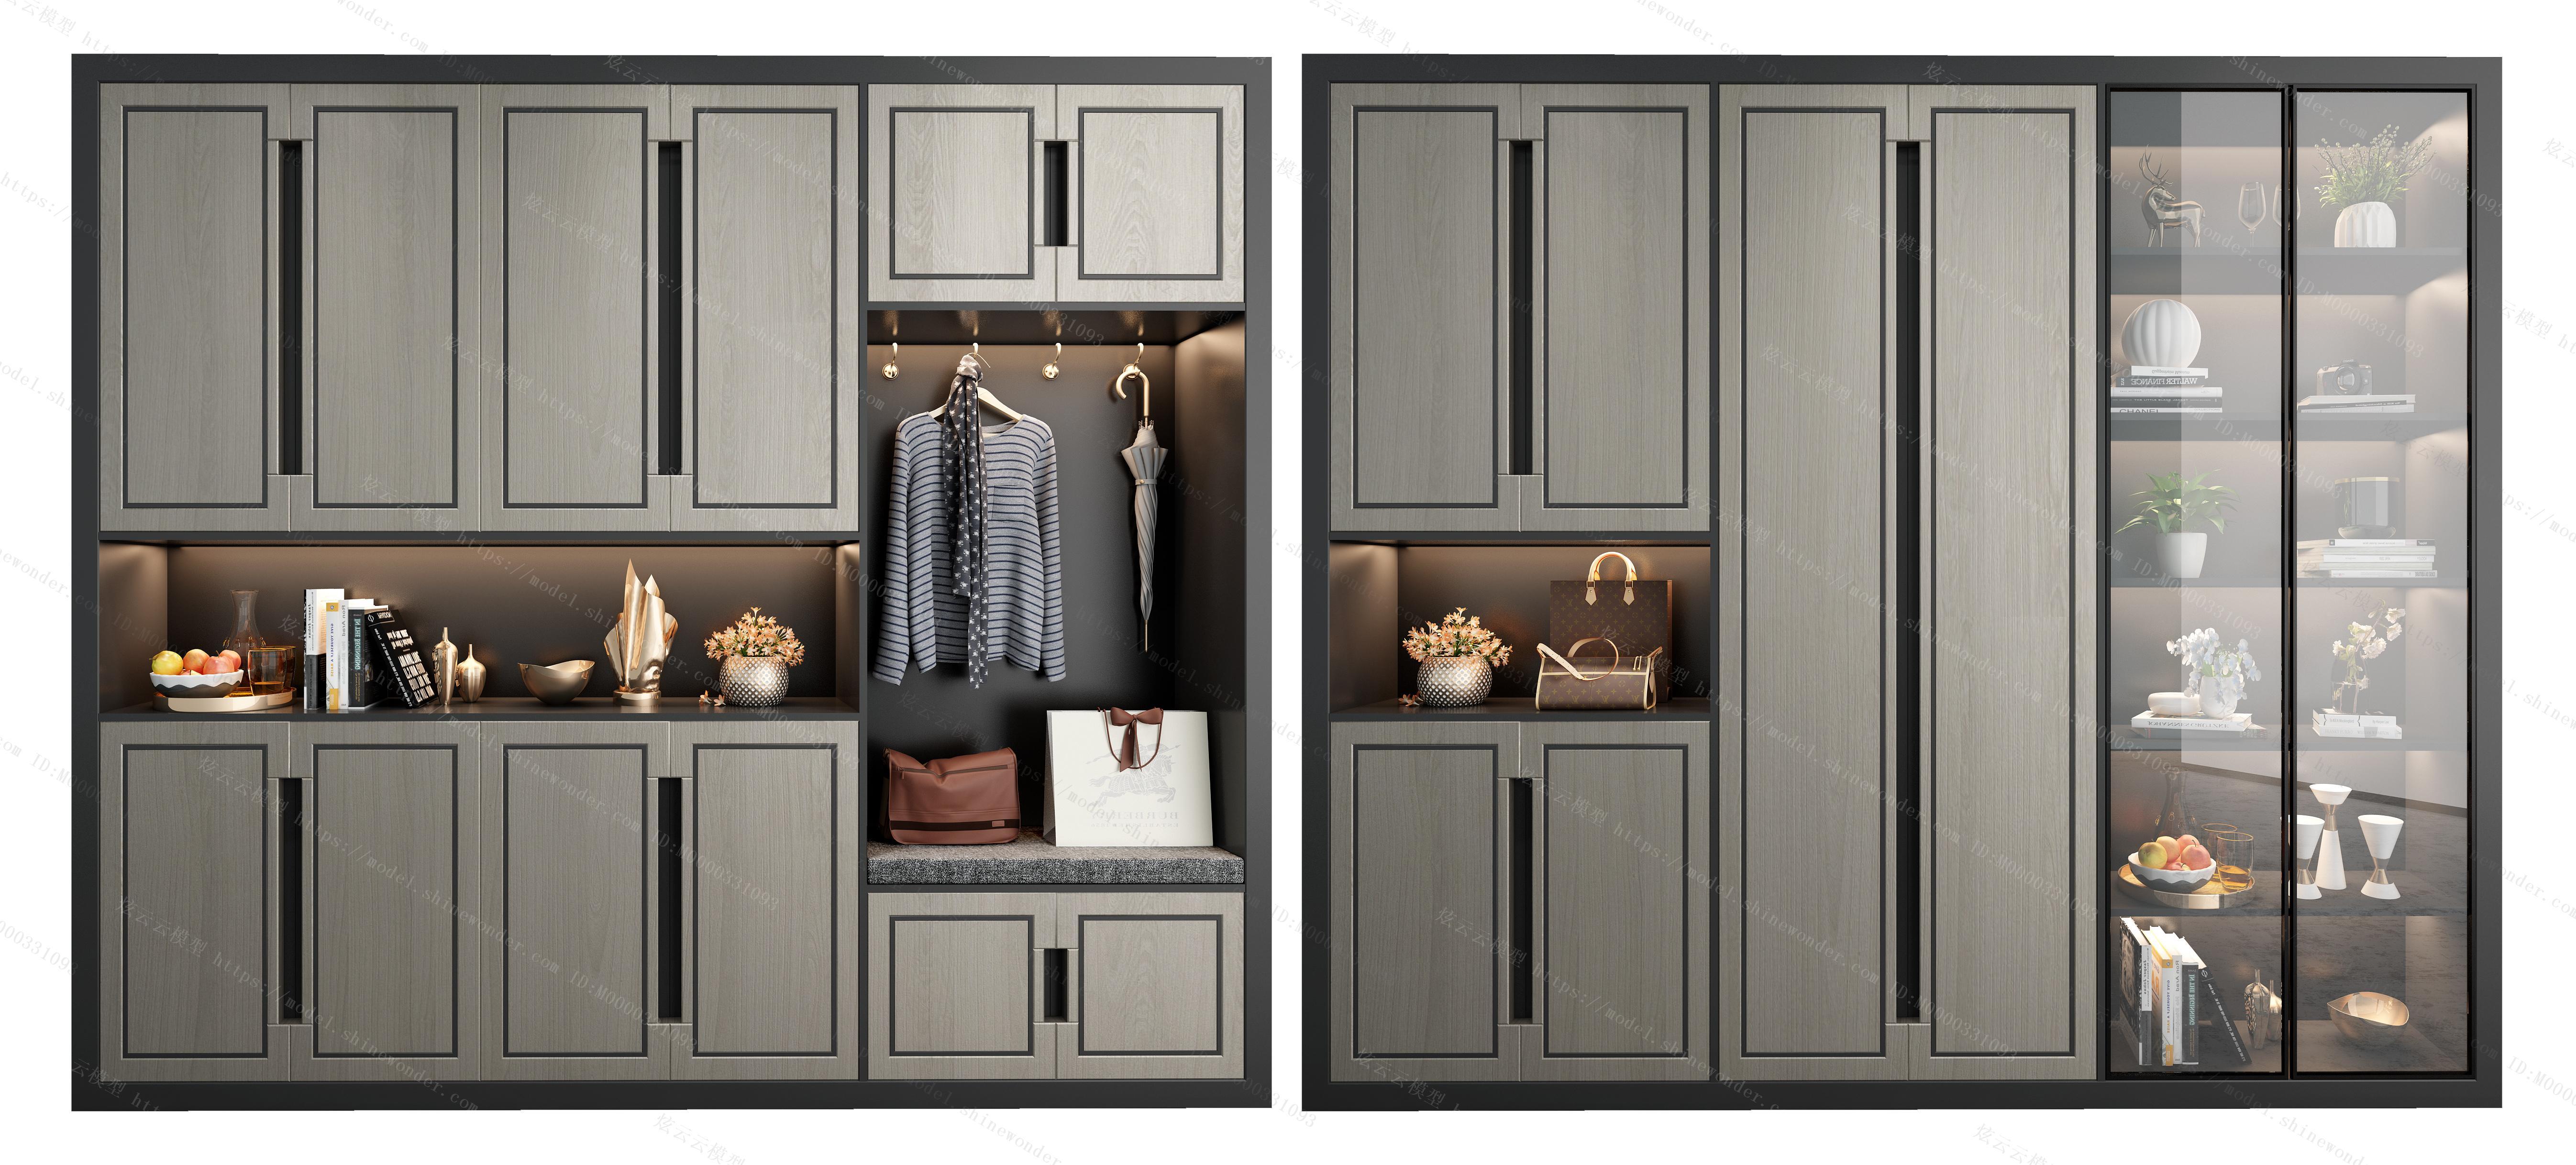 新中式鞋柜装饰柜组合模型